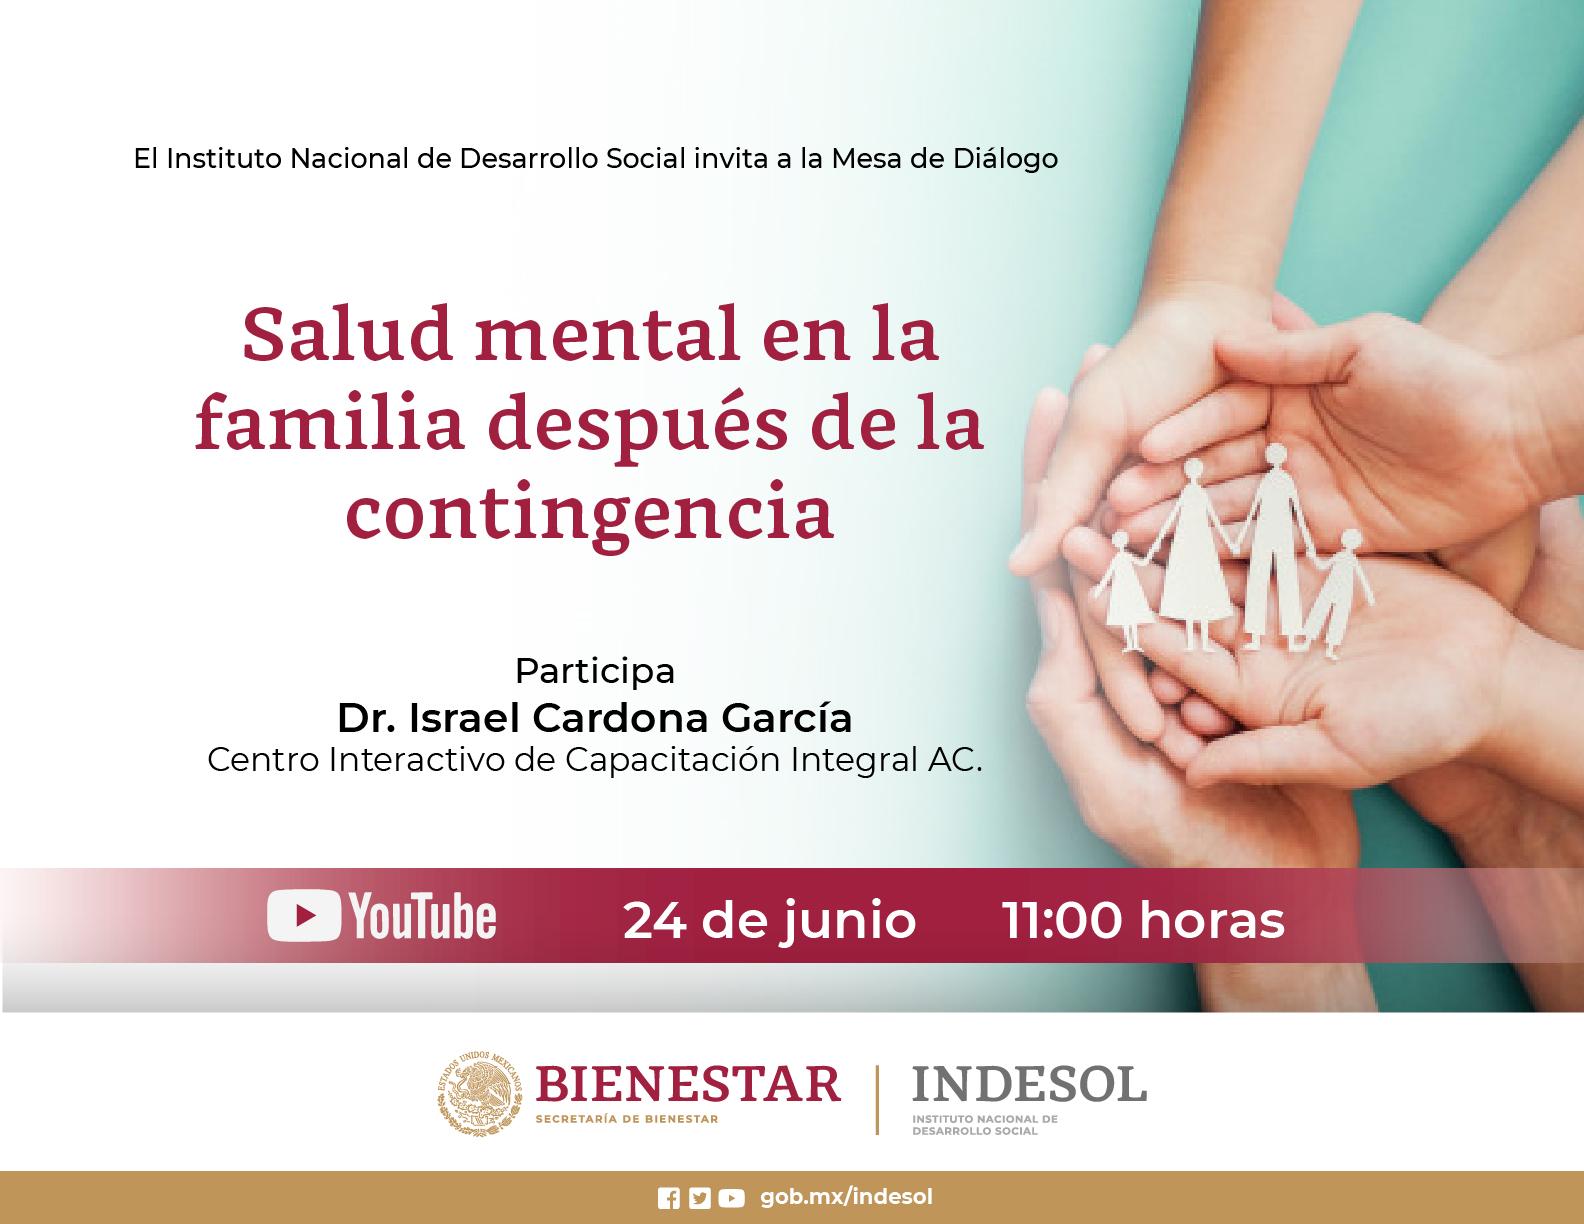 Mesa de Diálogo Indesol: Salud mental en la familia después de la contingencia. 24 de junio, 11am.